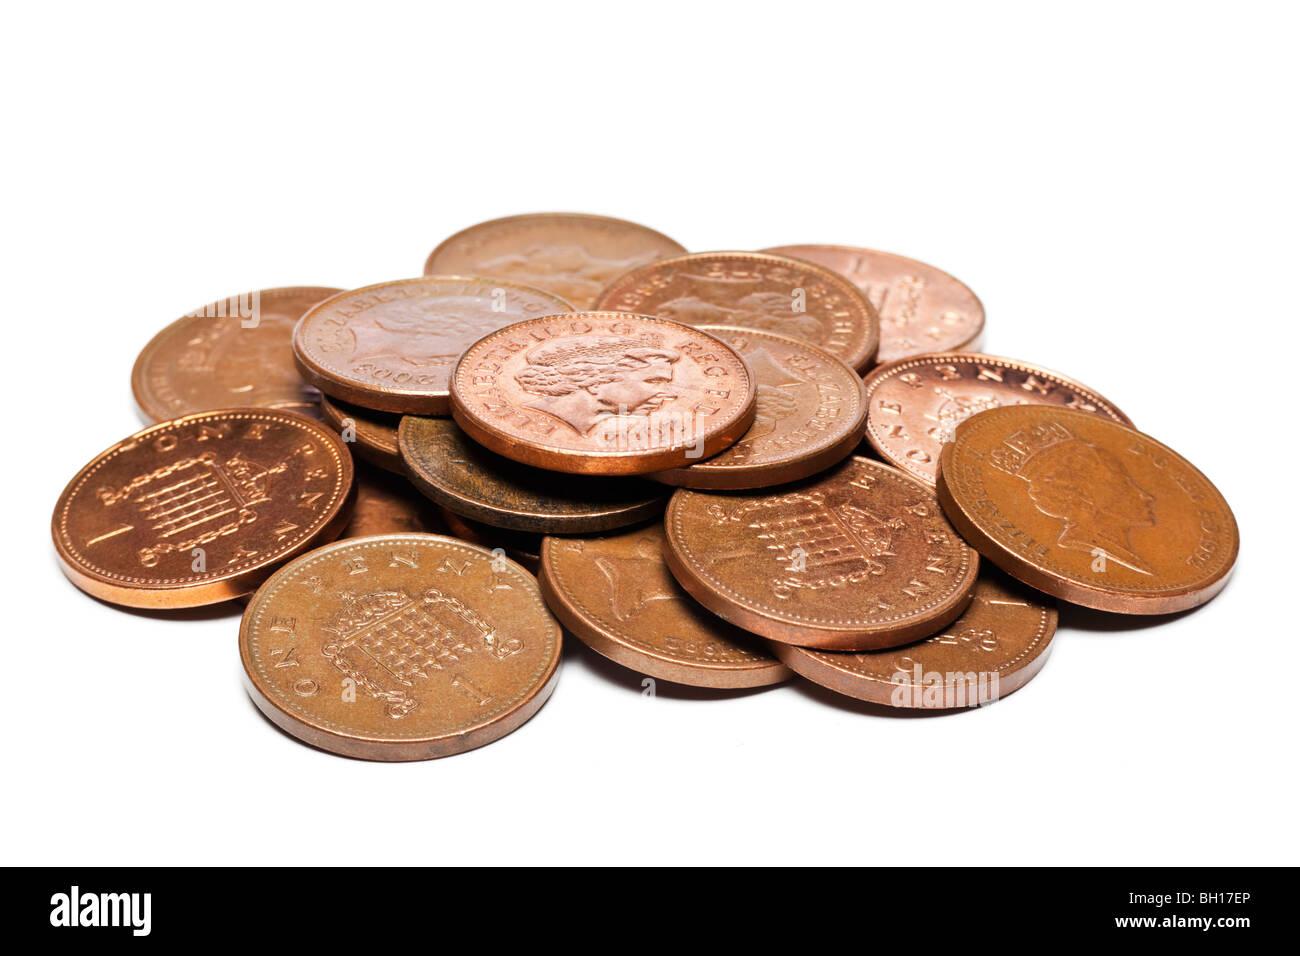 Stapel der Britischen uk GBP 1 Cent Münzen Nahaufnahme Stockbild